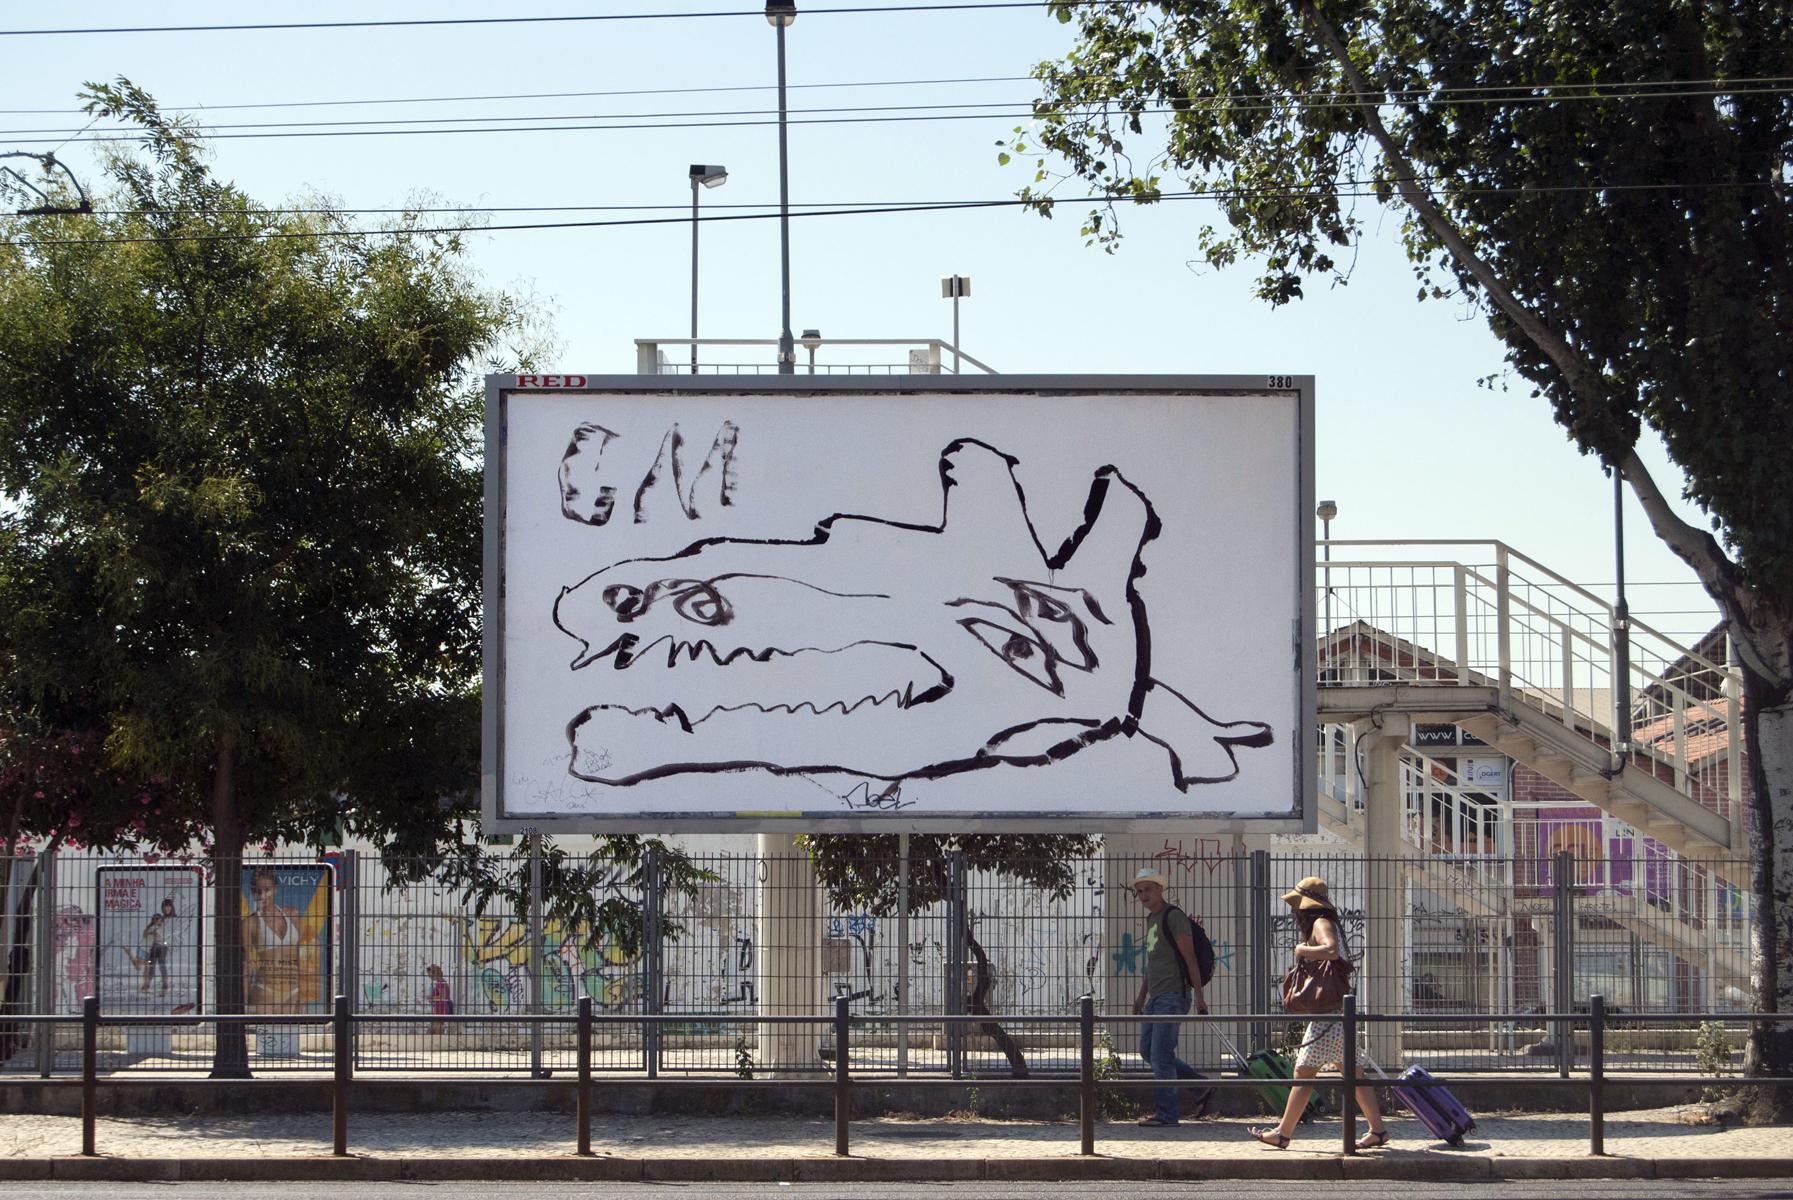 canemorto-a-series-of-murals-in-lisboa-64